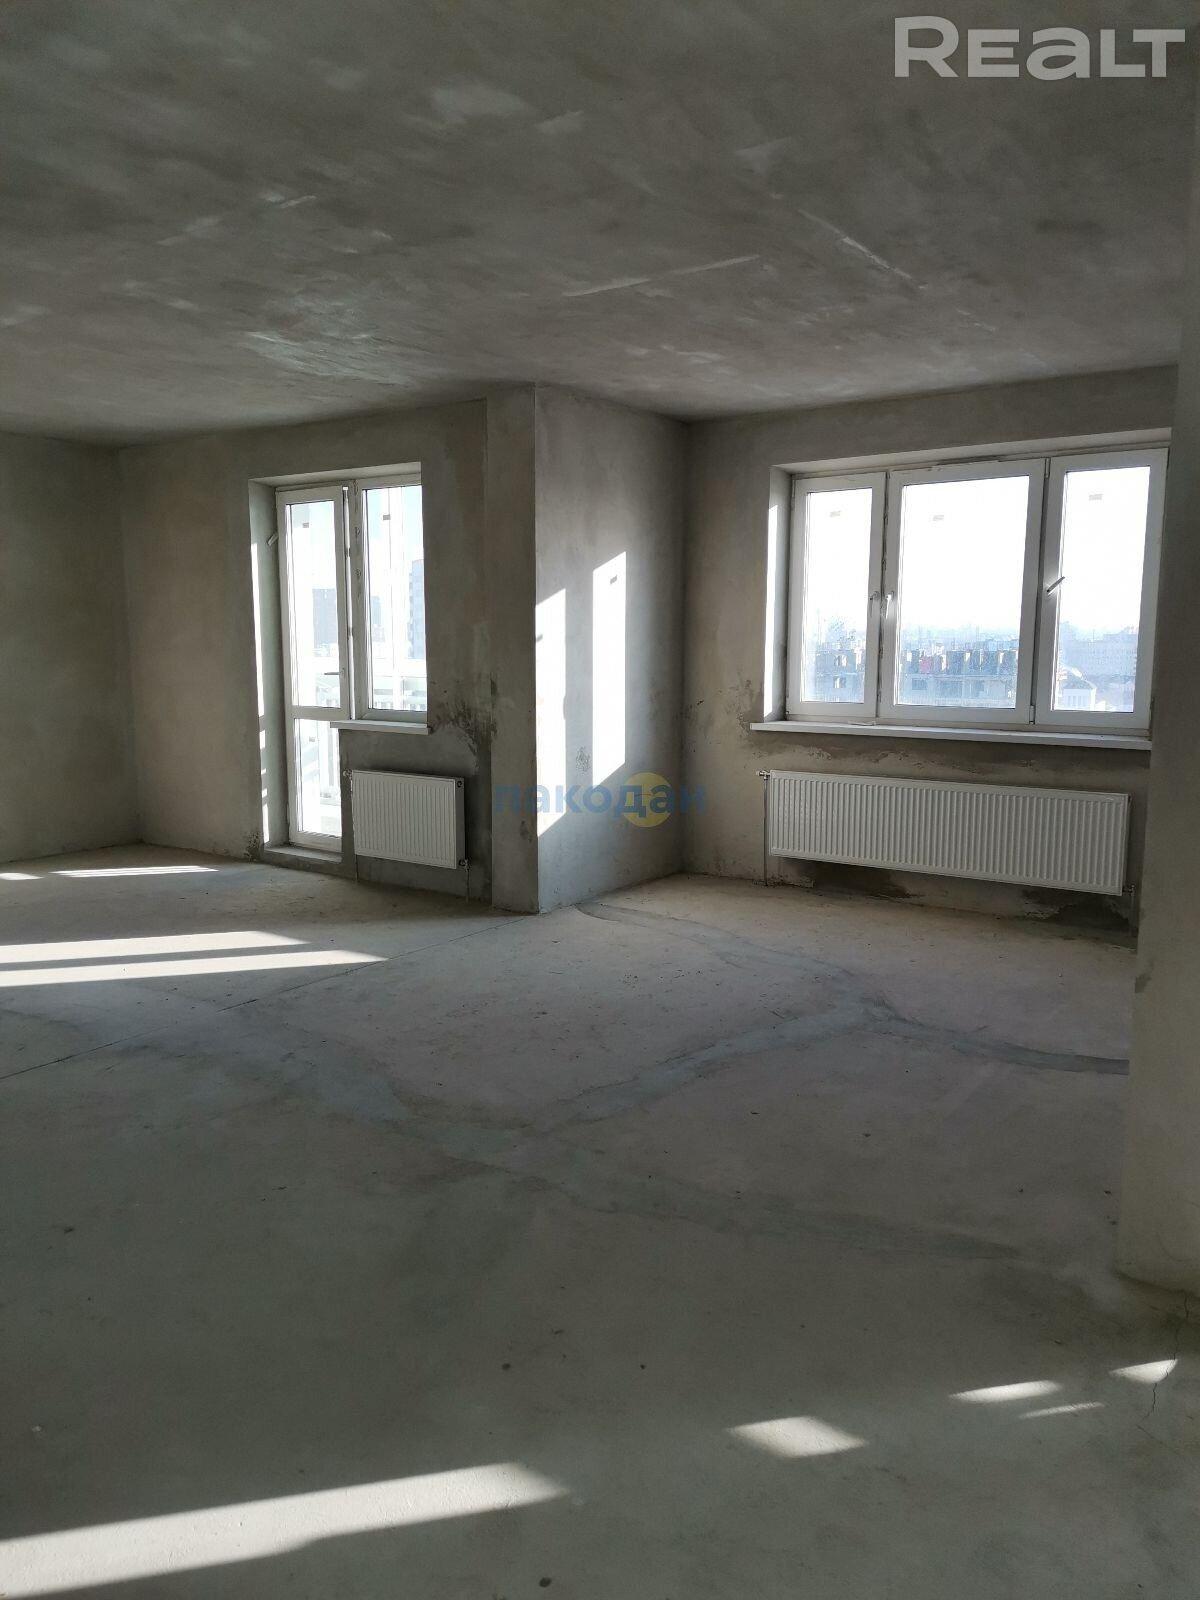 Продается 2-х комнатная квартира, пер. Железнодорожный 3-й д.10 - фото №14